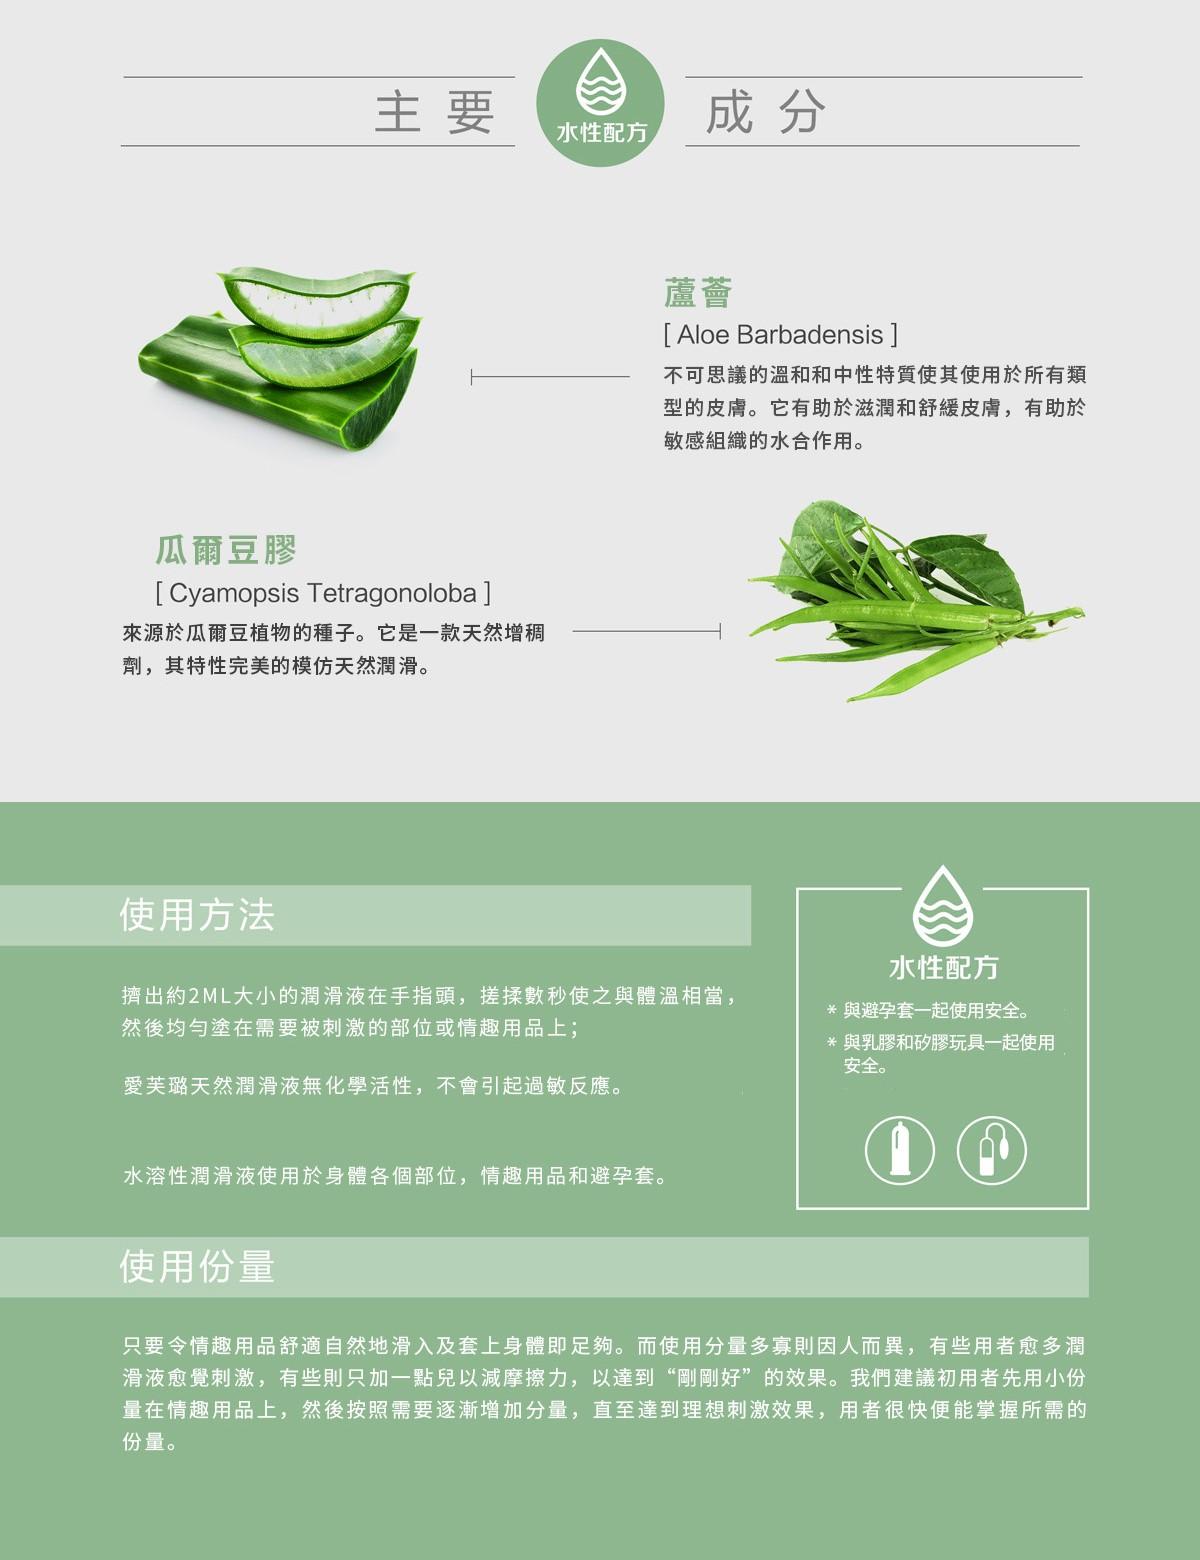 LUVLOOB天然水性潤滑液(奇異果)詳情圖 - 複製 (3).jpg